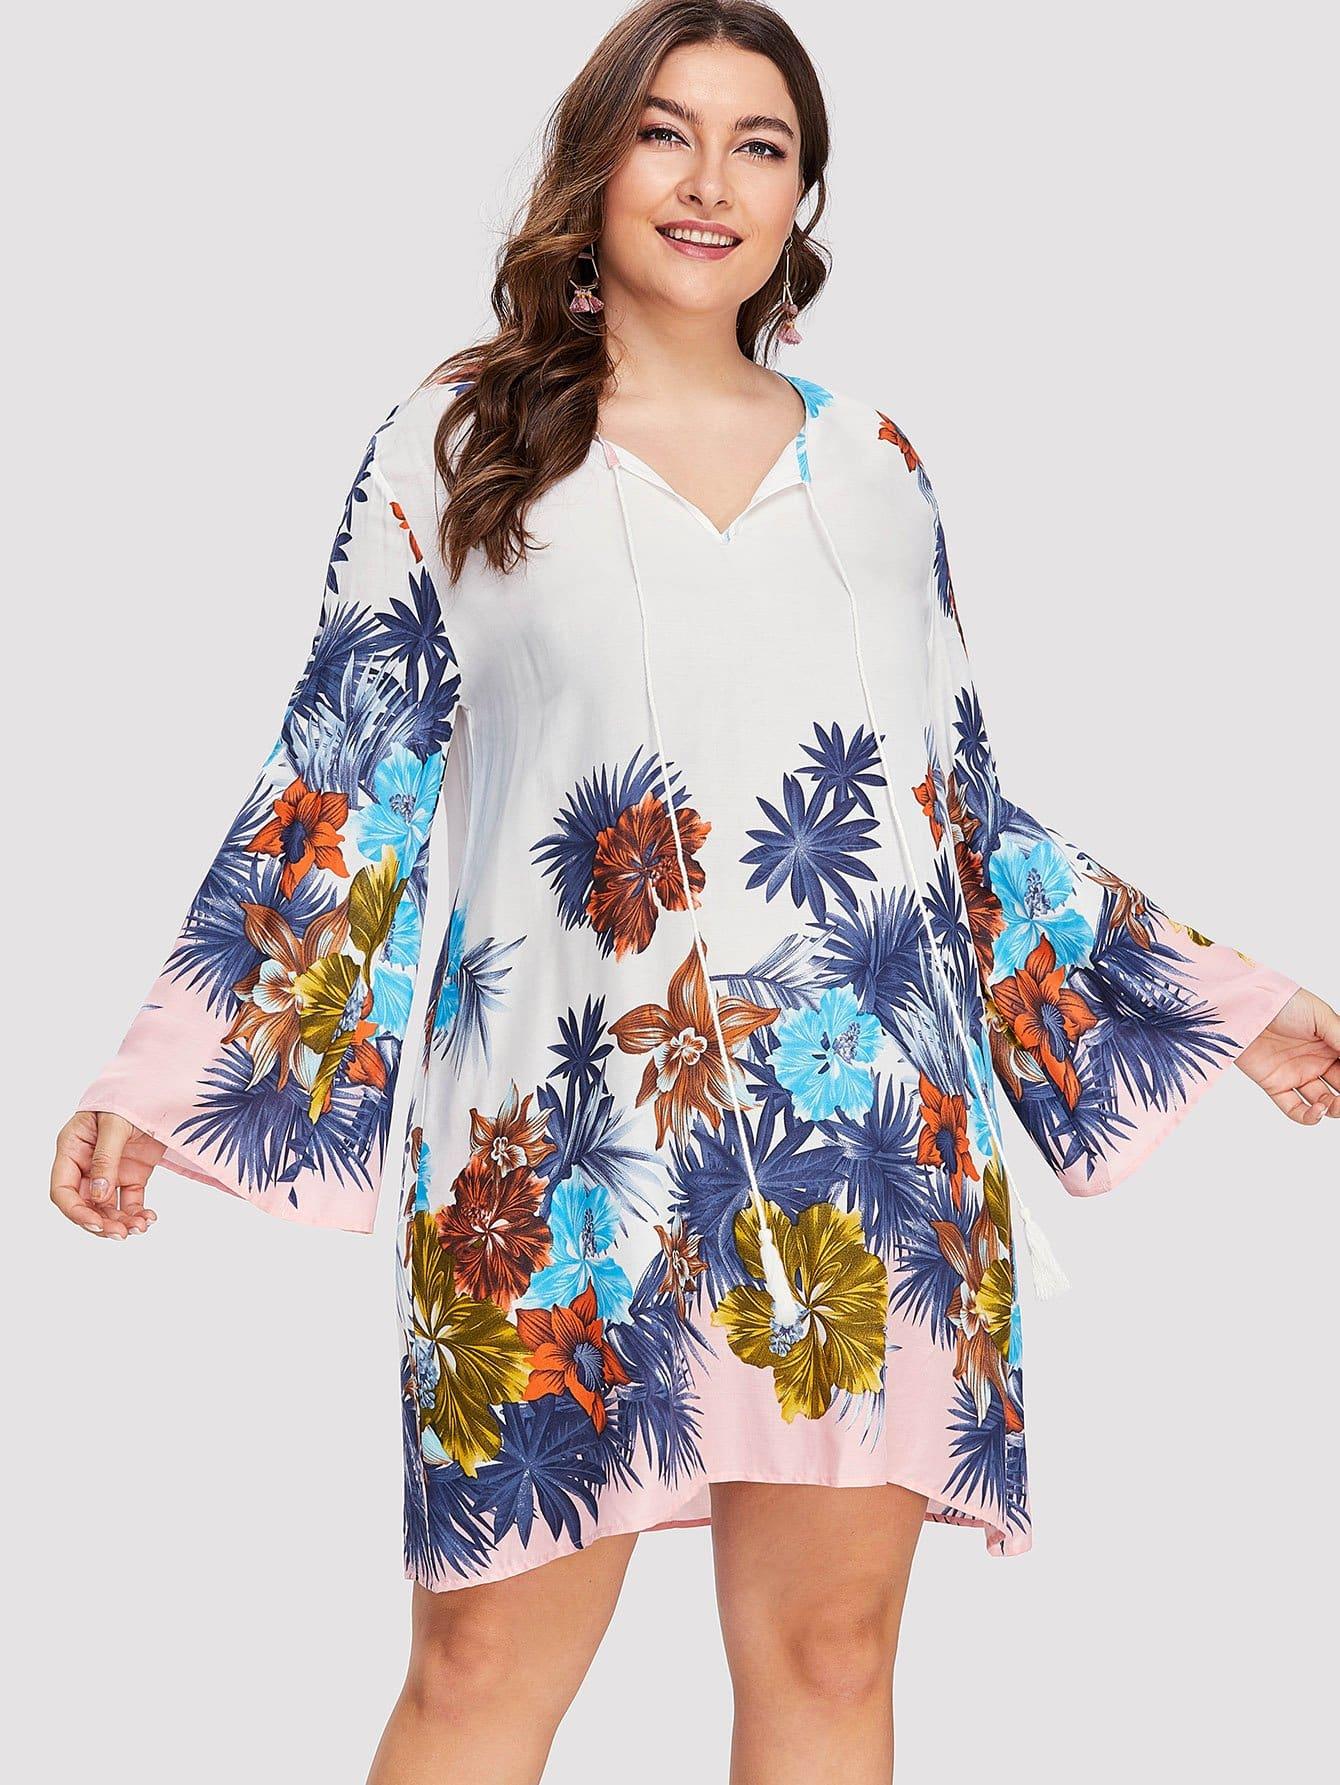 Купить Платье туника с принтом тропики, Franziska, SheIn